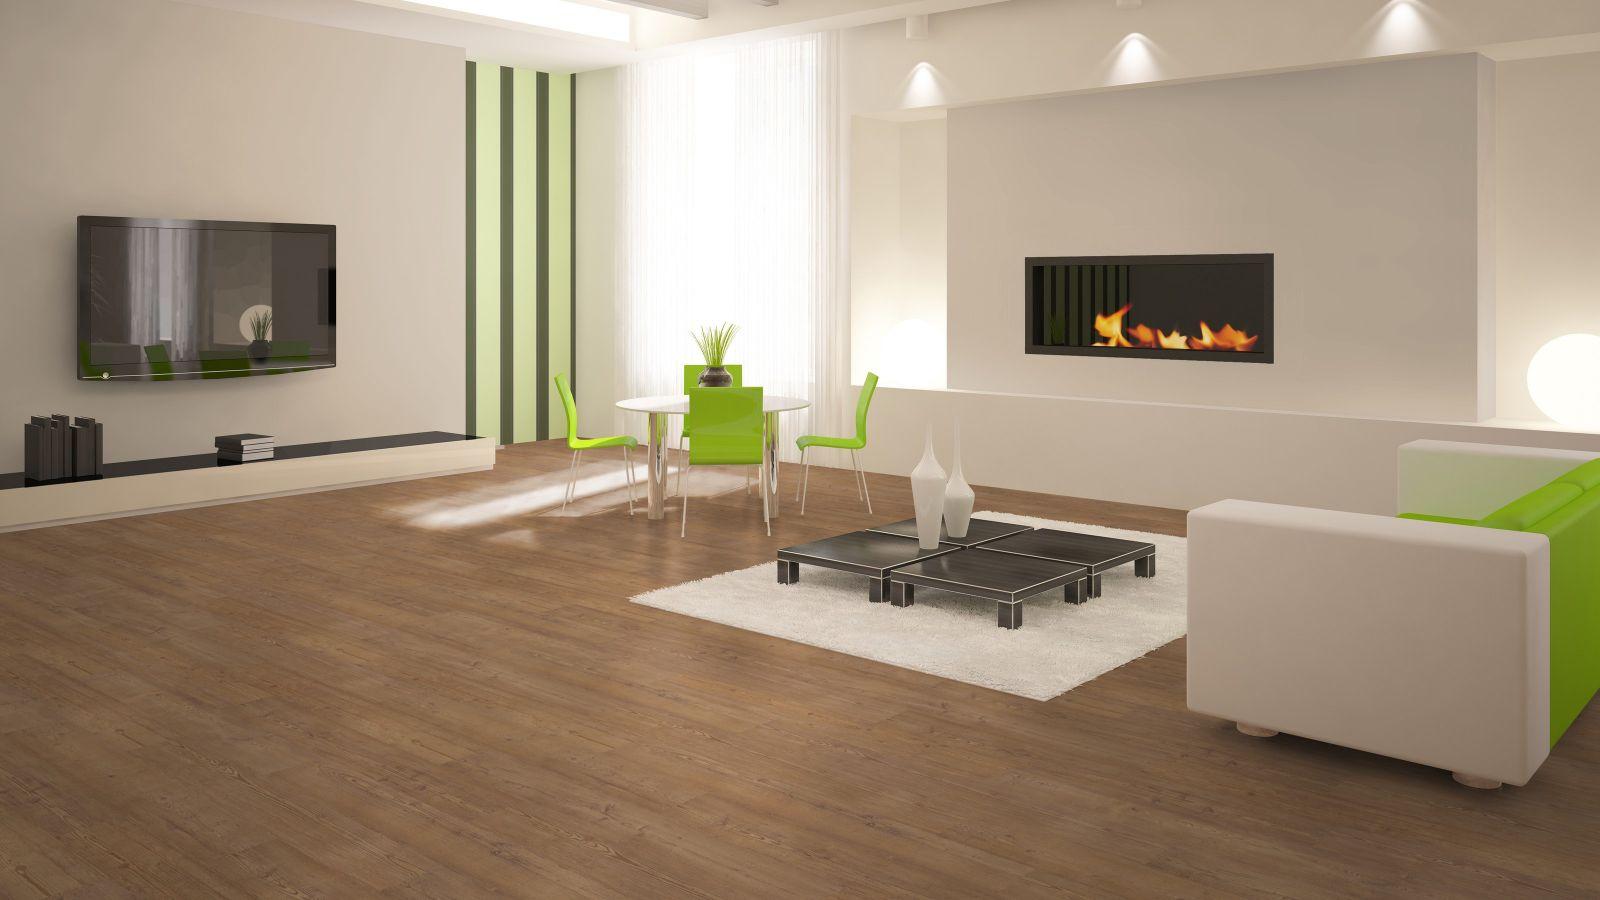 Pvc Vloeren Specialist : Kunststof vloeren met een natuurlijke uitstraling